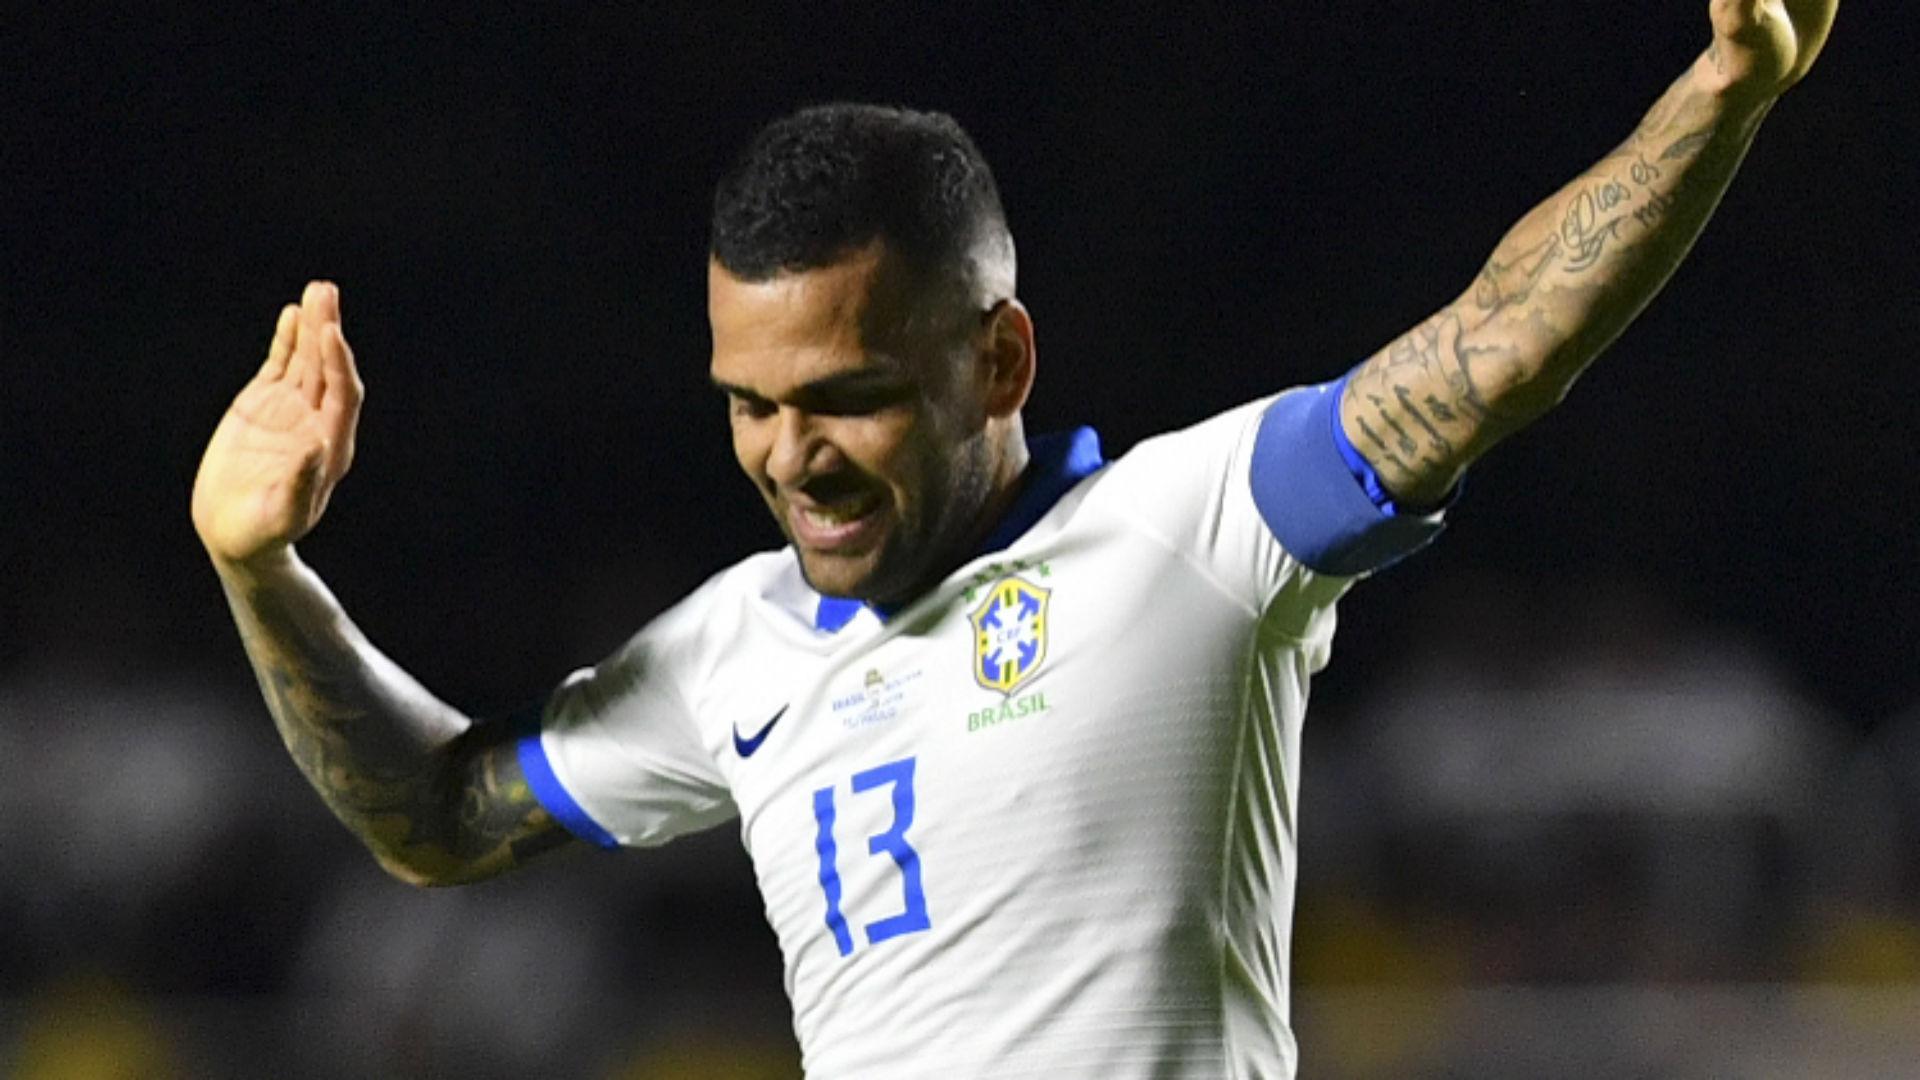 Daniel Alves seleção Brasil Copa América 16 06 2019